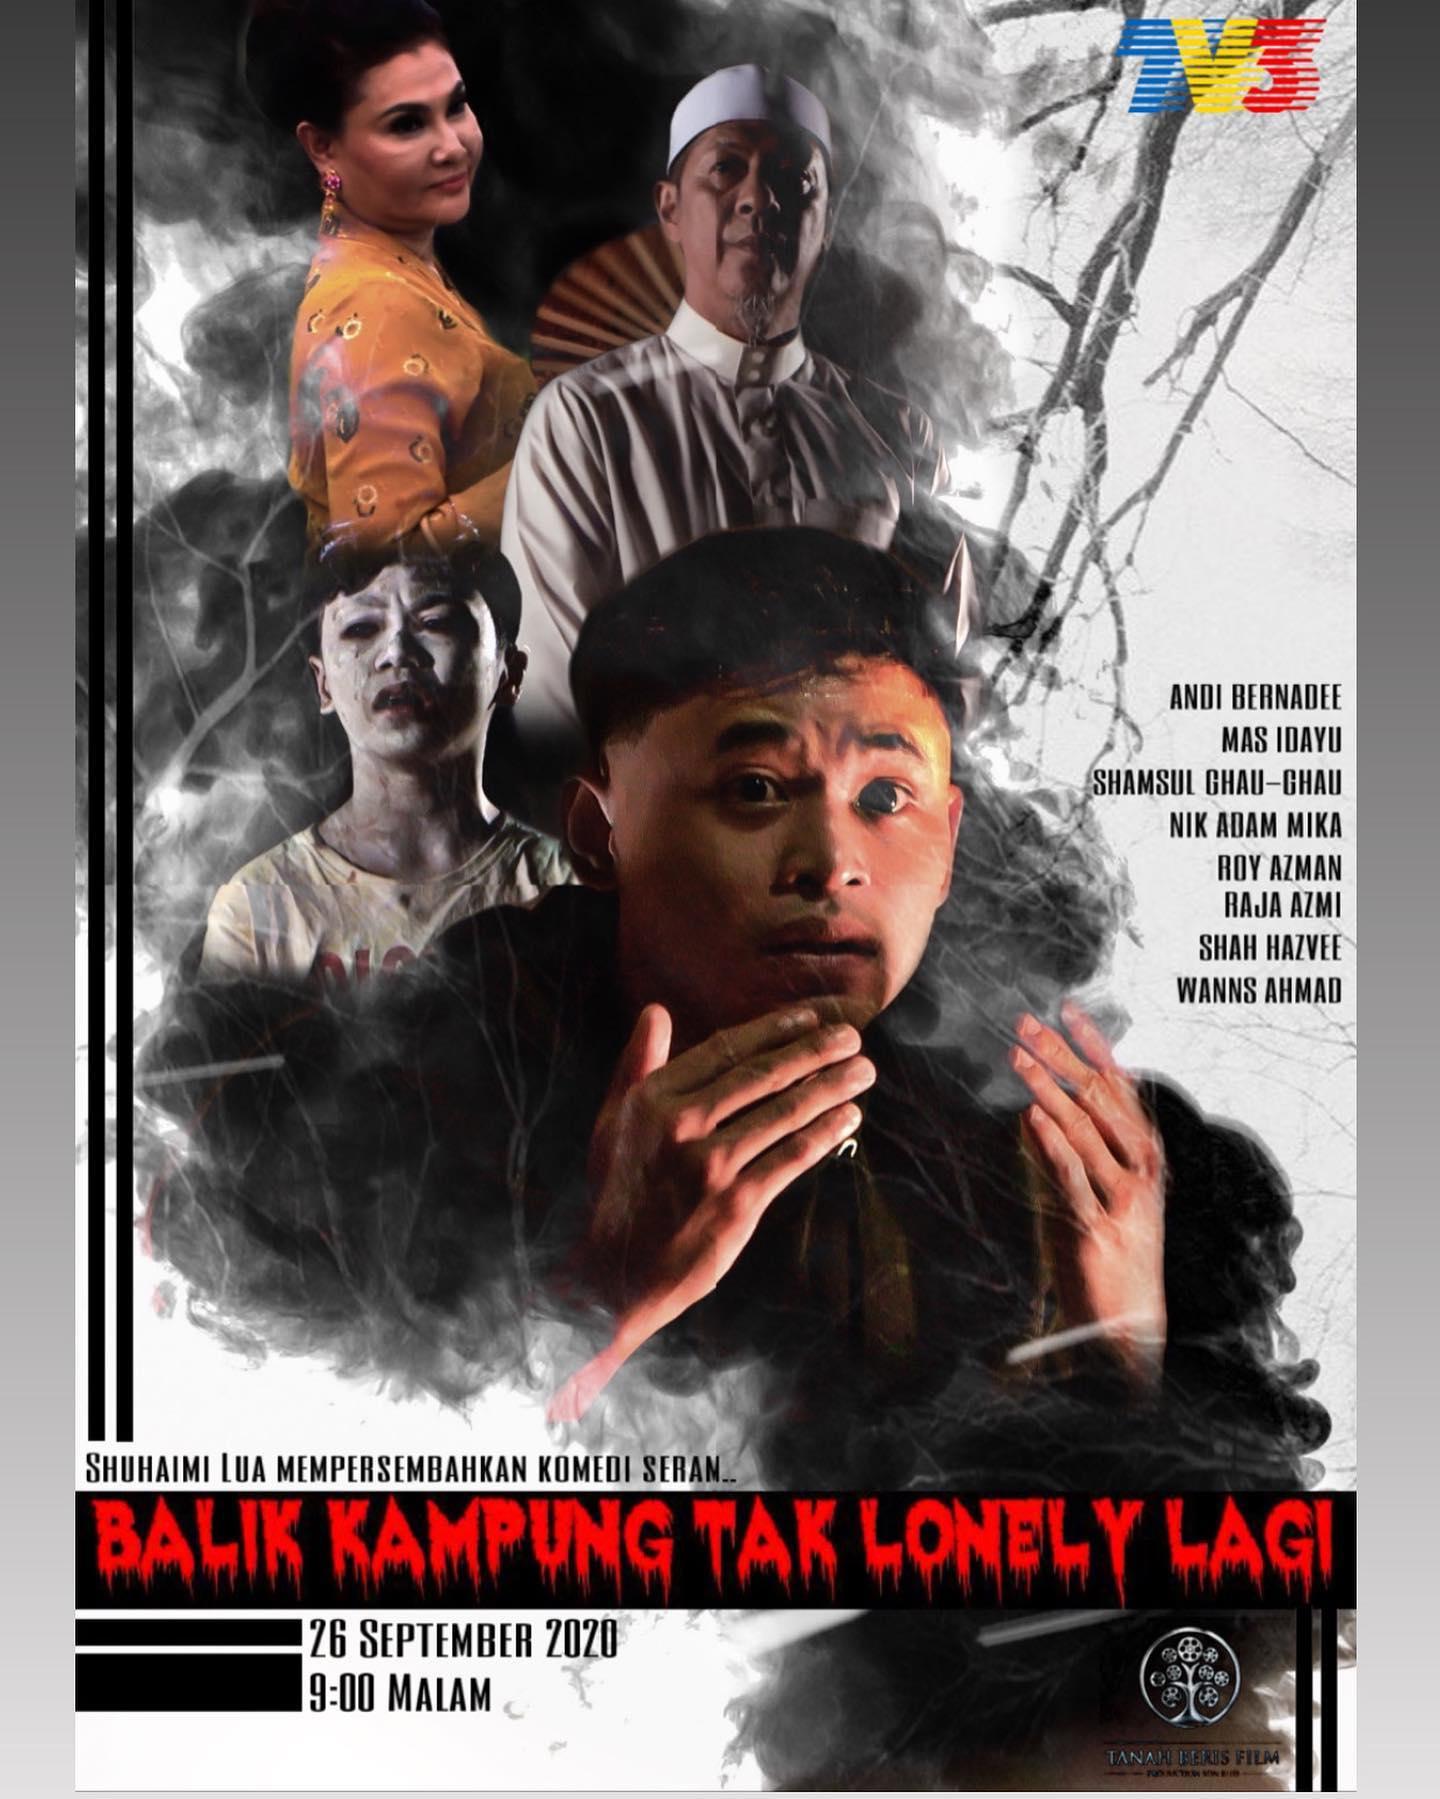 Balik Kampung Tak Lonely Lagi